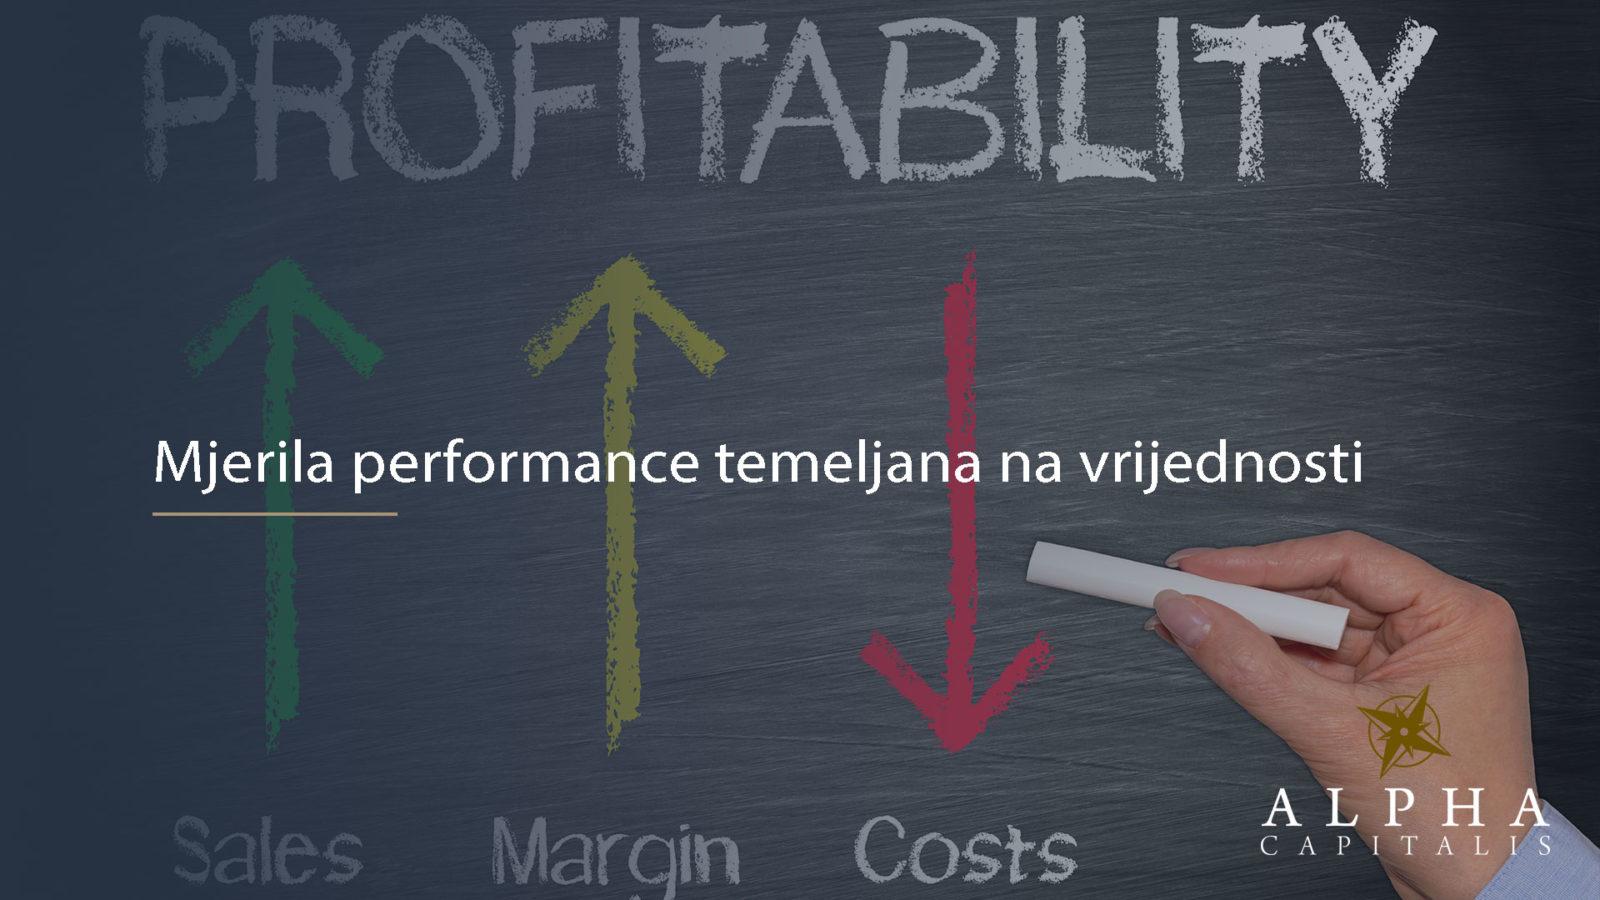 Mjerila performance 2019 05 23 - Mjerila performanci temeljena na vrijednosti